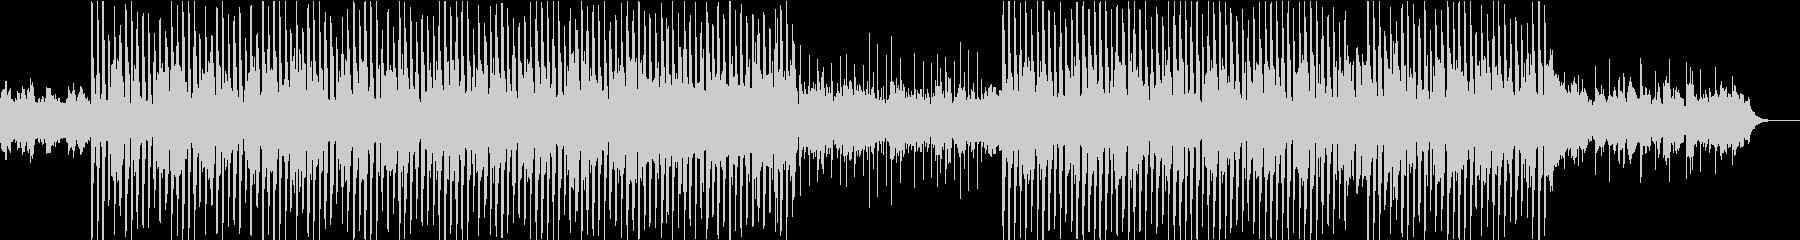 引き立てられたシンセとエレクトロニ...の未再生の波形